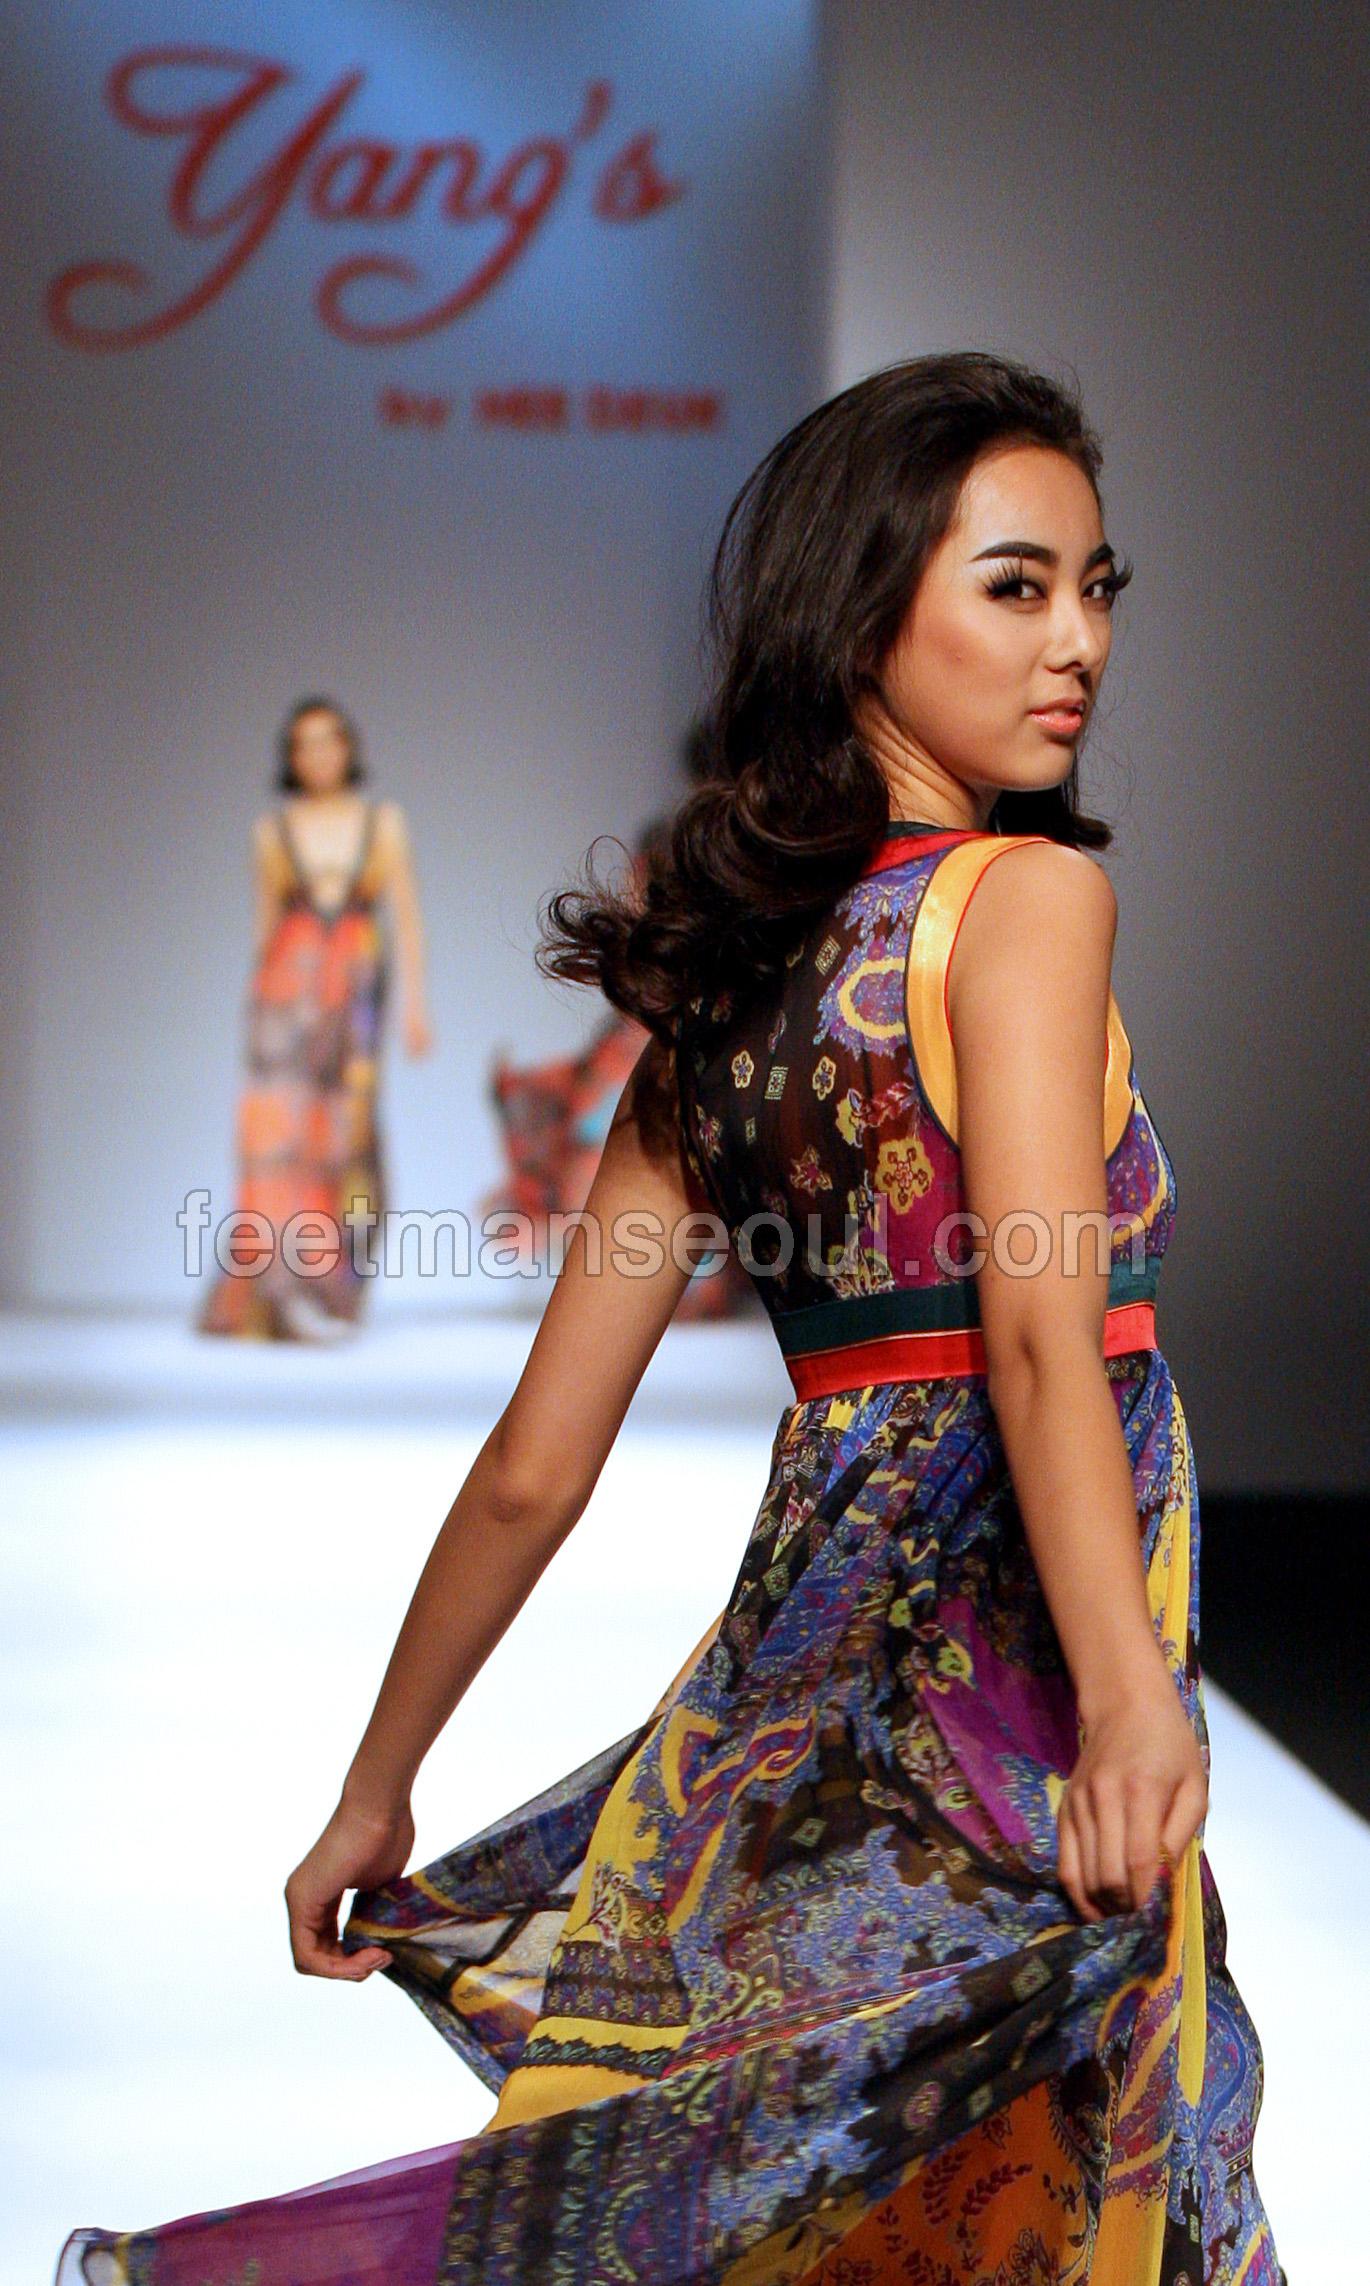 Miss Korea 2009